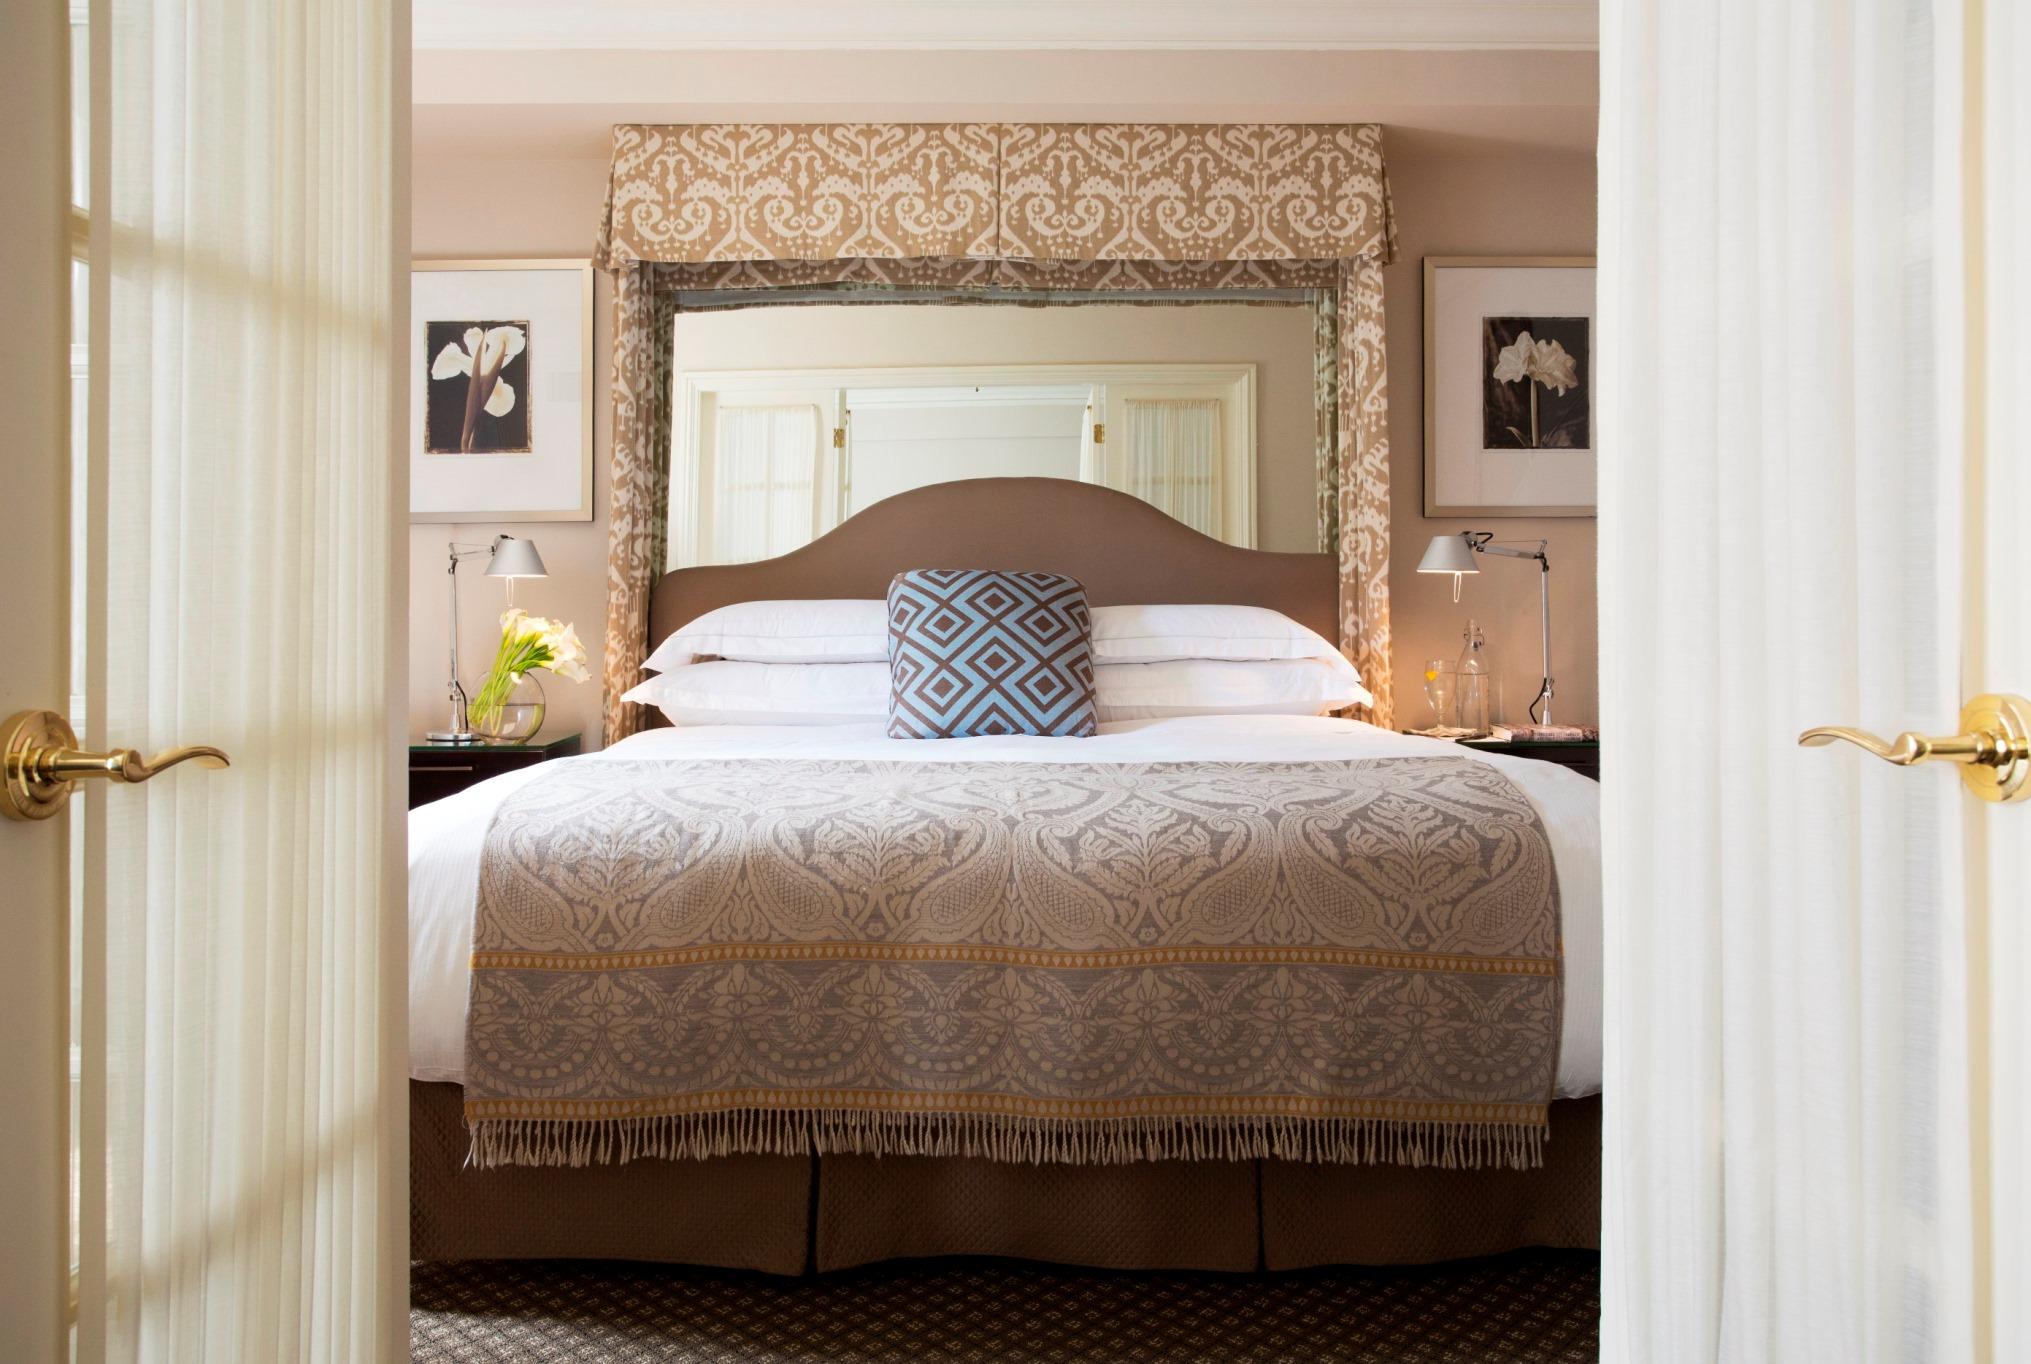 The Eliot Hotel, hoteles de cinco estrellas en Boston. luna de miel en Boston - Wedding Hub - 02